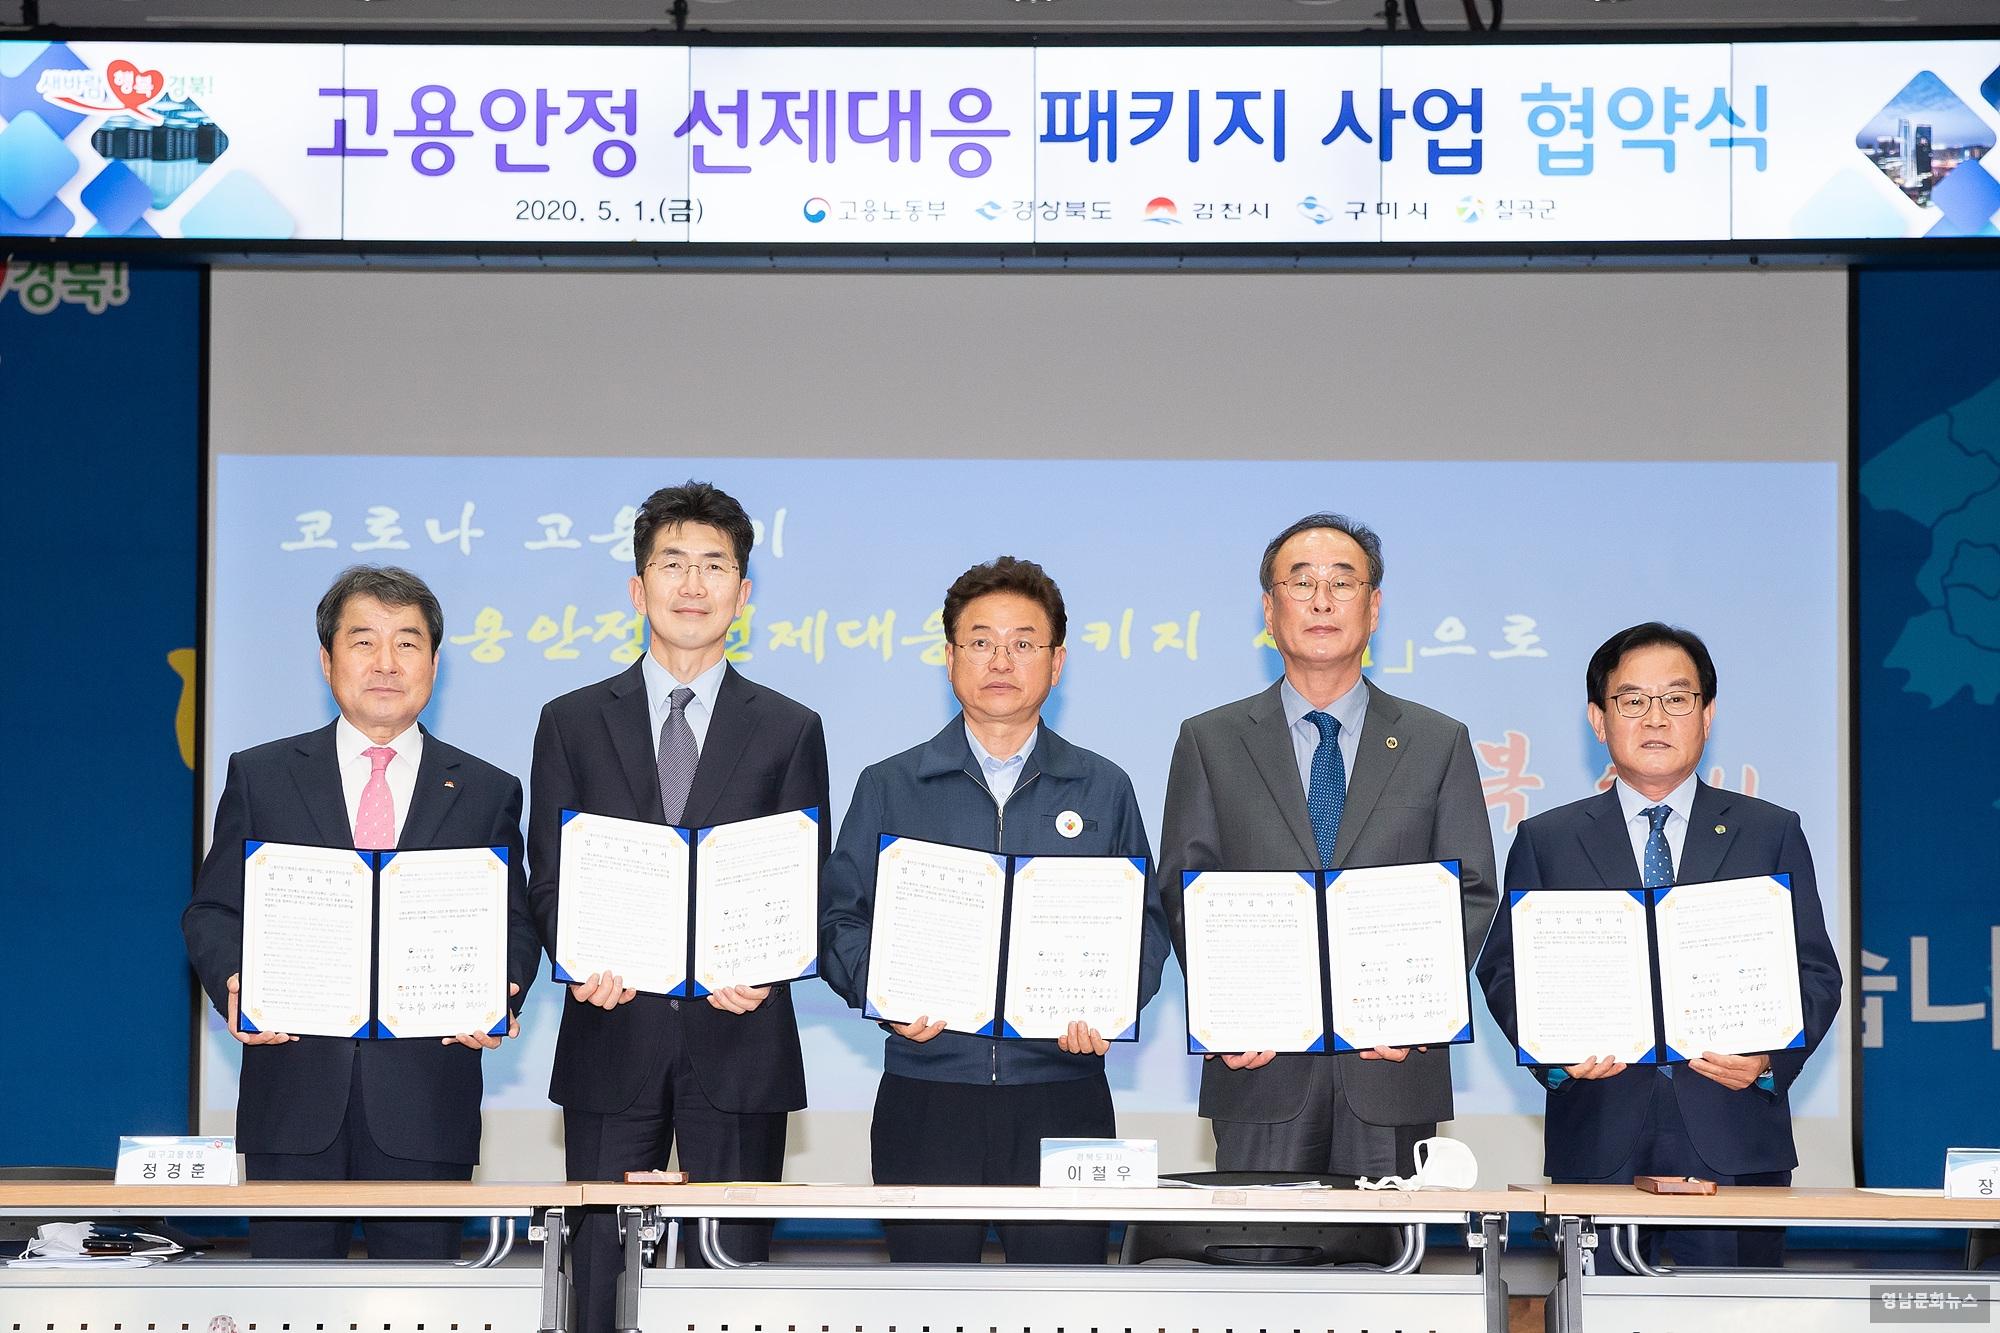 「고용노동부, 고용안정 선제대응 패키지사업」 공모 최종 선정